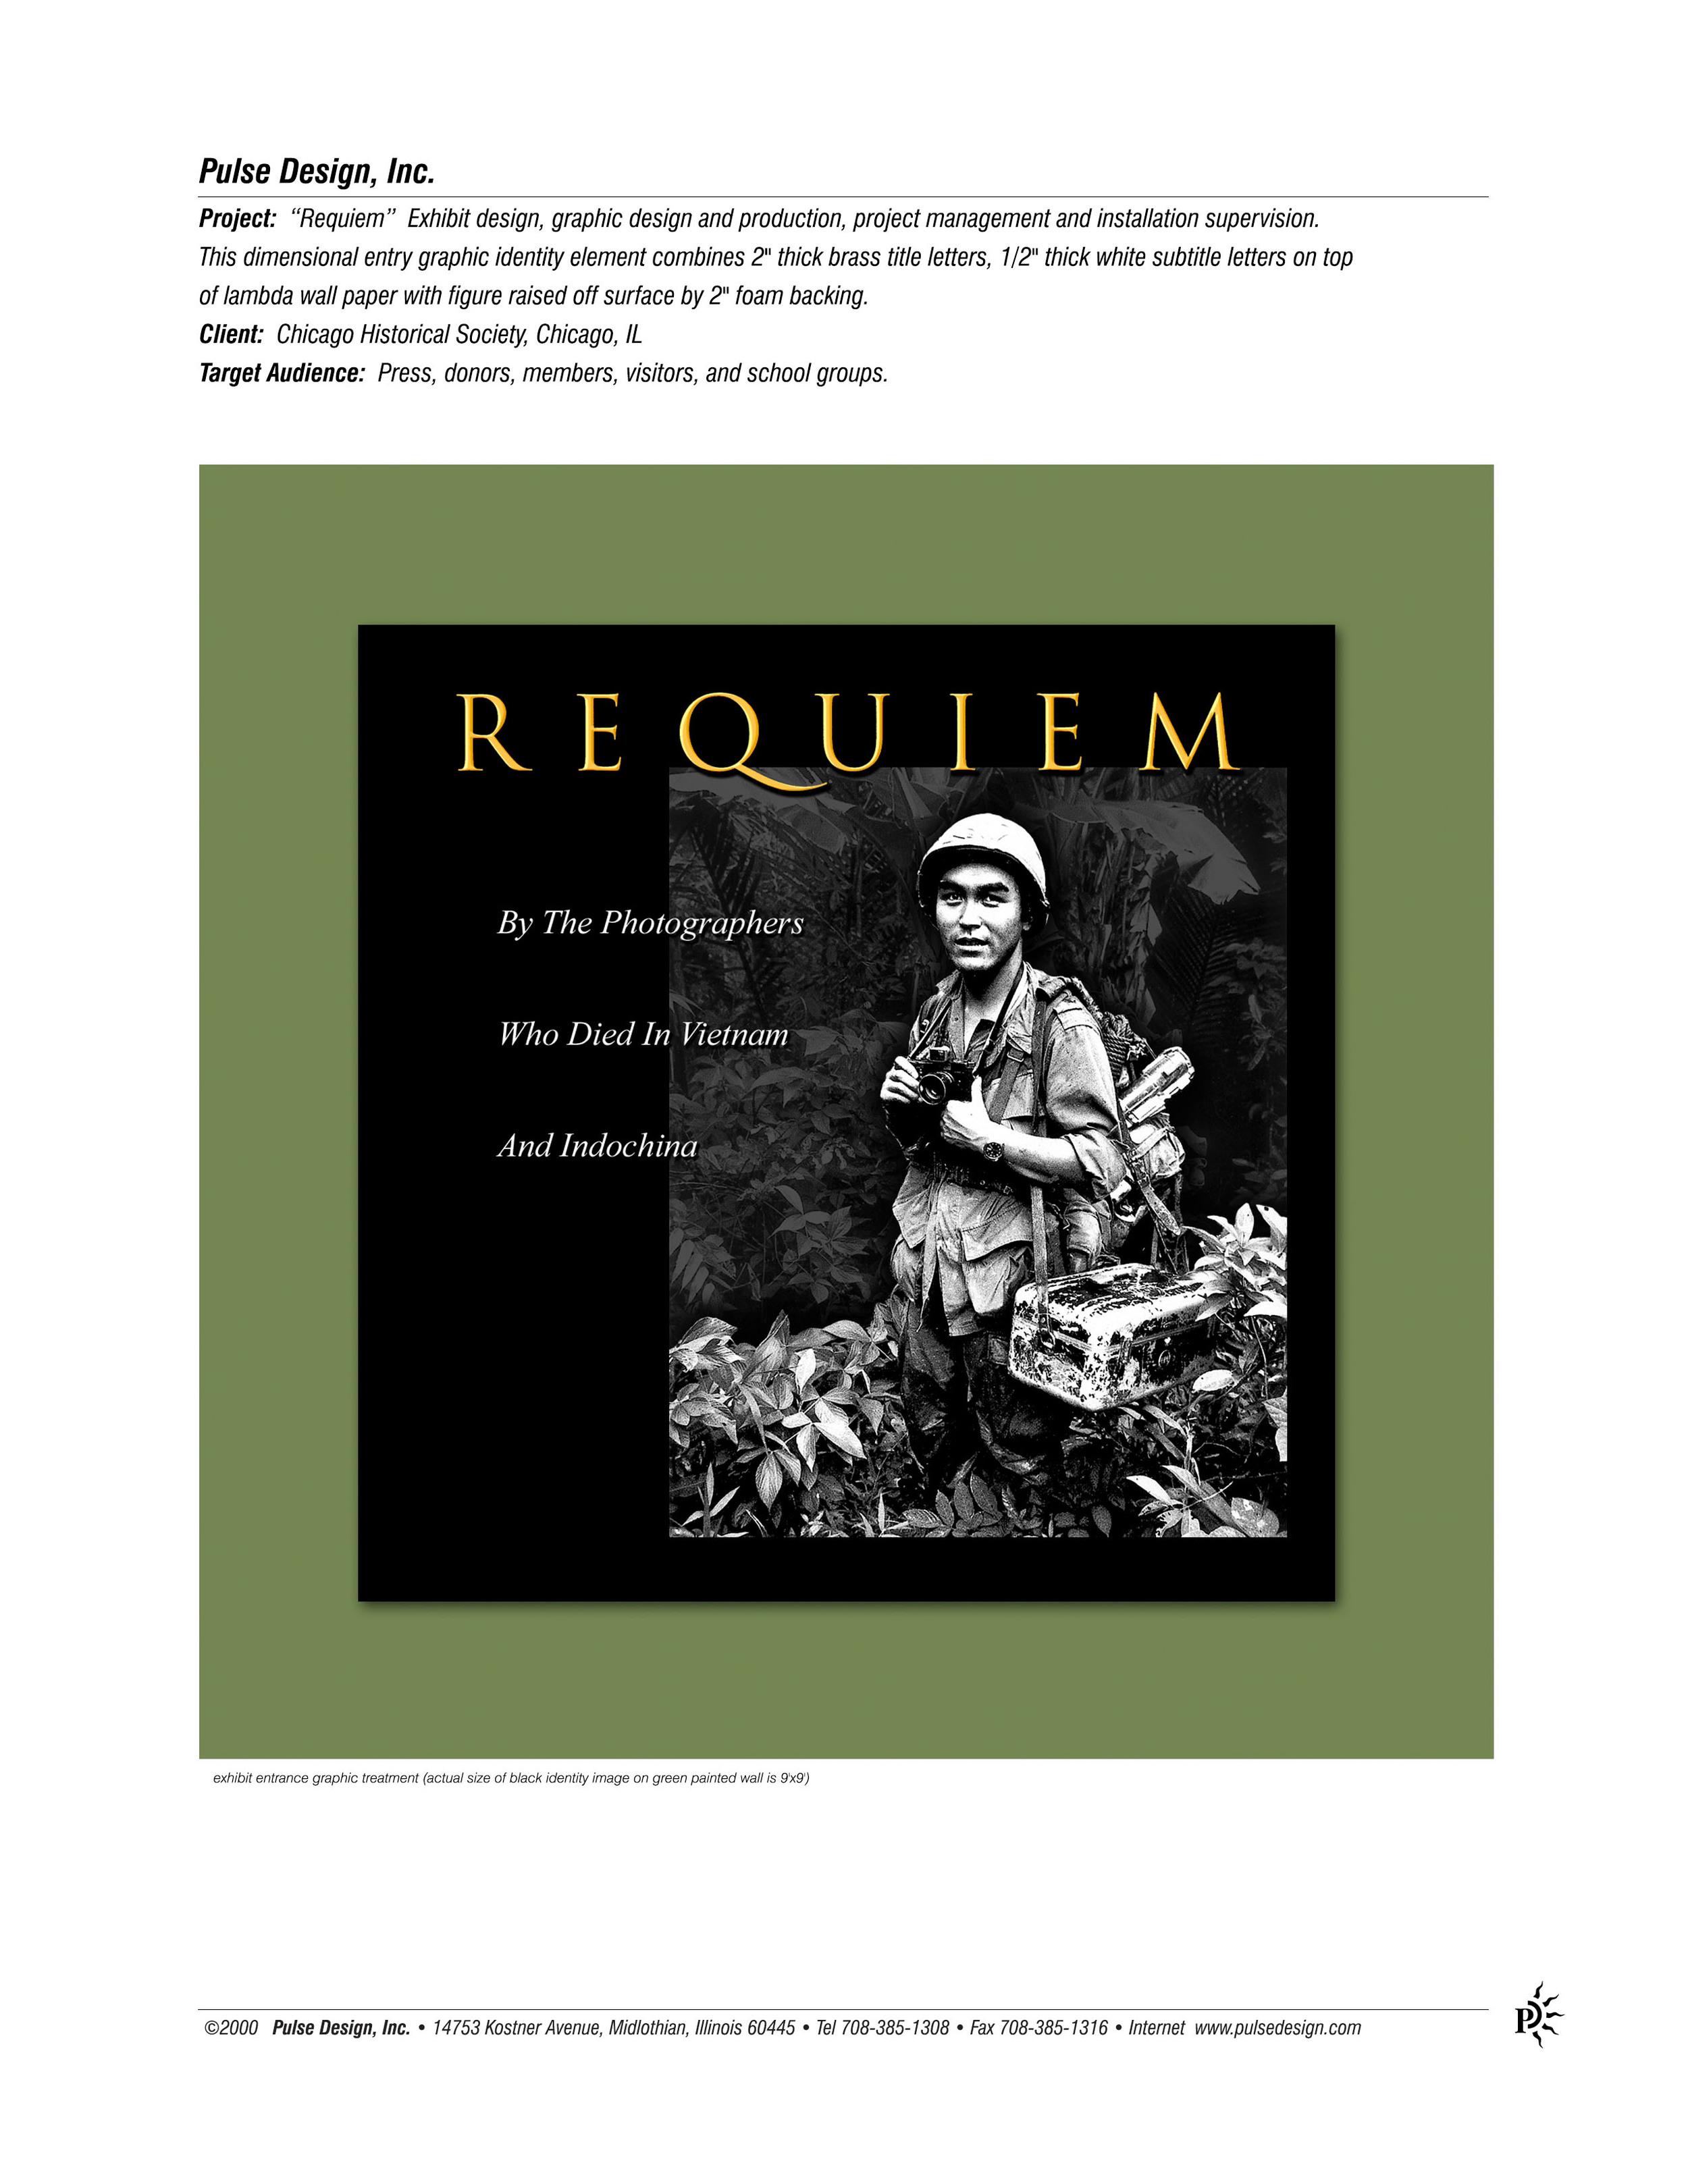 CHS-Requiem-Exhibit-2-Pulse-Design-Inc.jpg